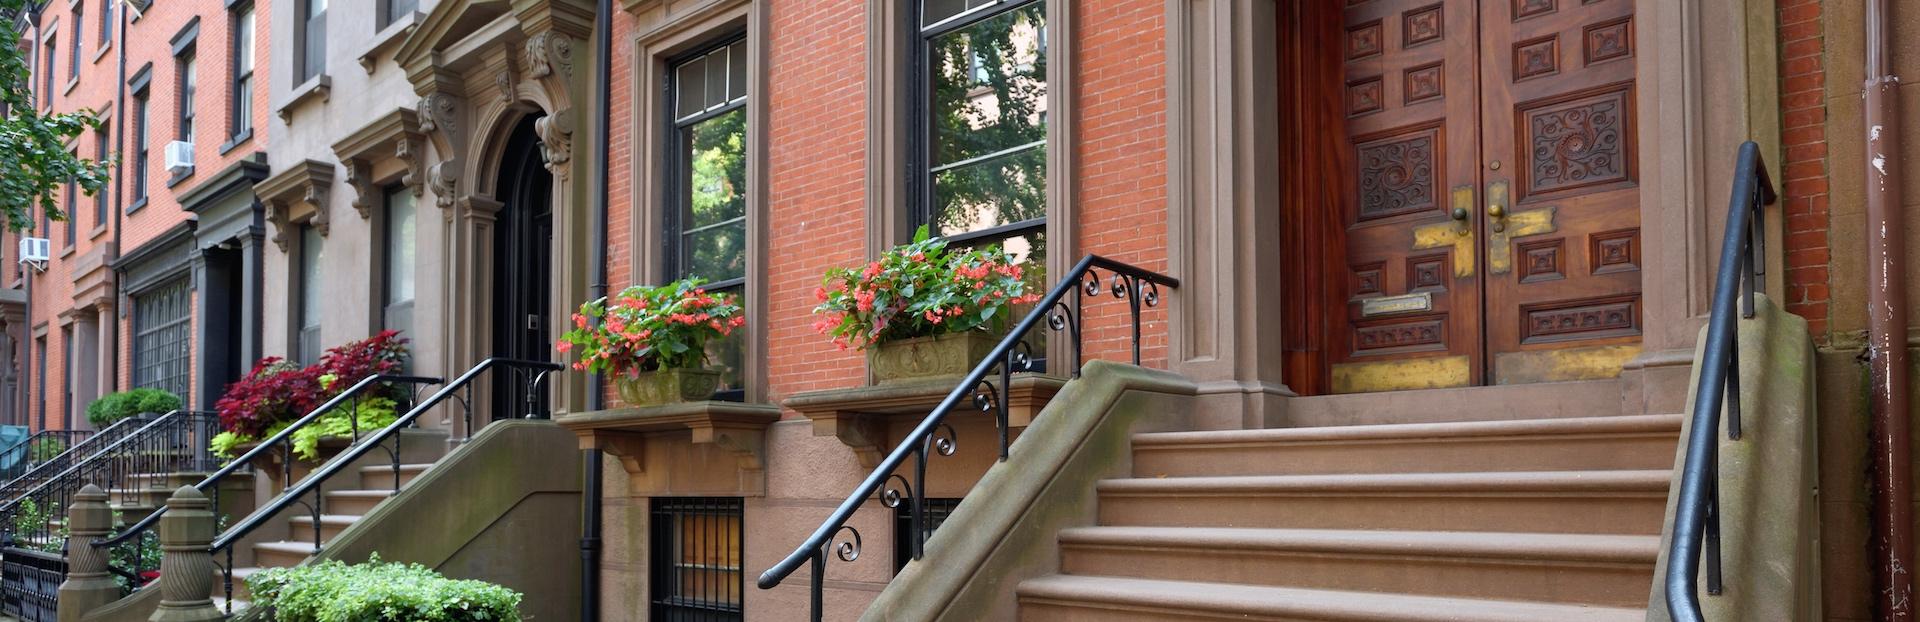 New York City audio tour: Brooklyn Heights: Um passeio pelo seu bairro histórico até o Promenade